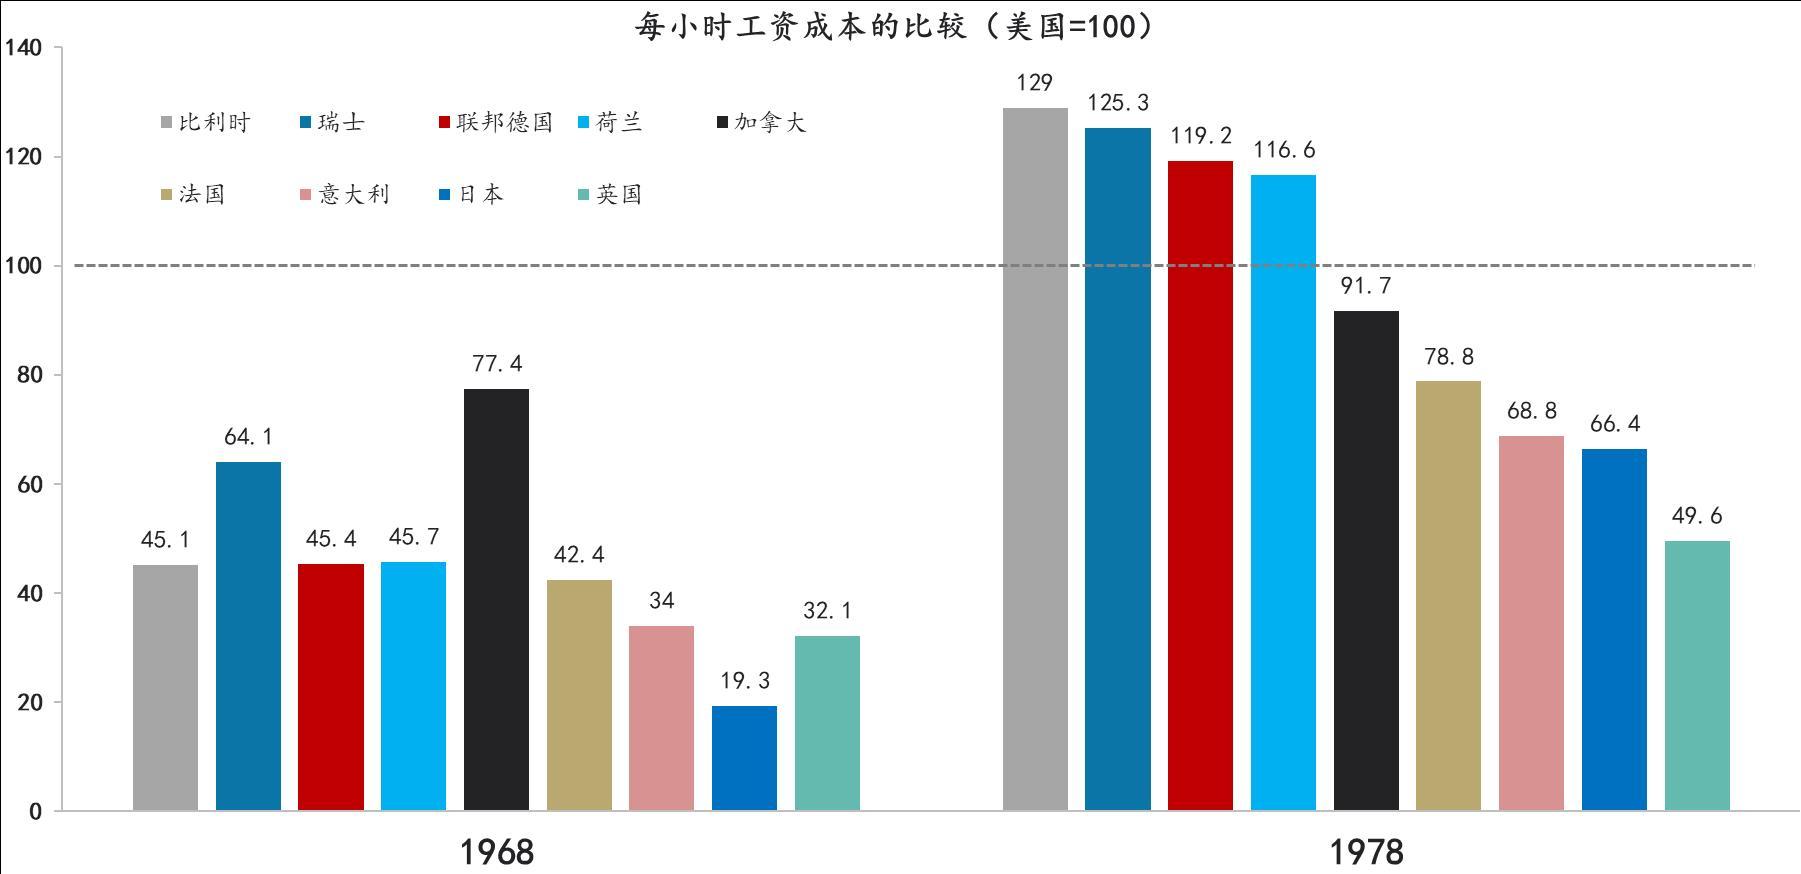 数据来源:周弘等,2012;东方证券